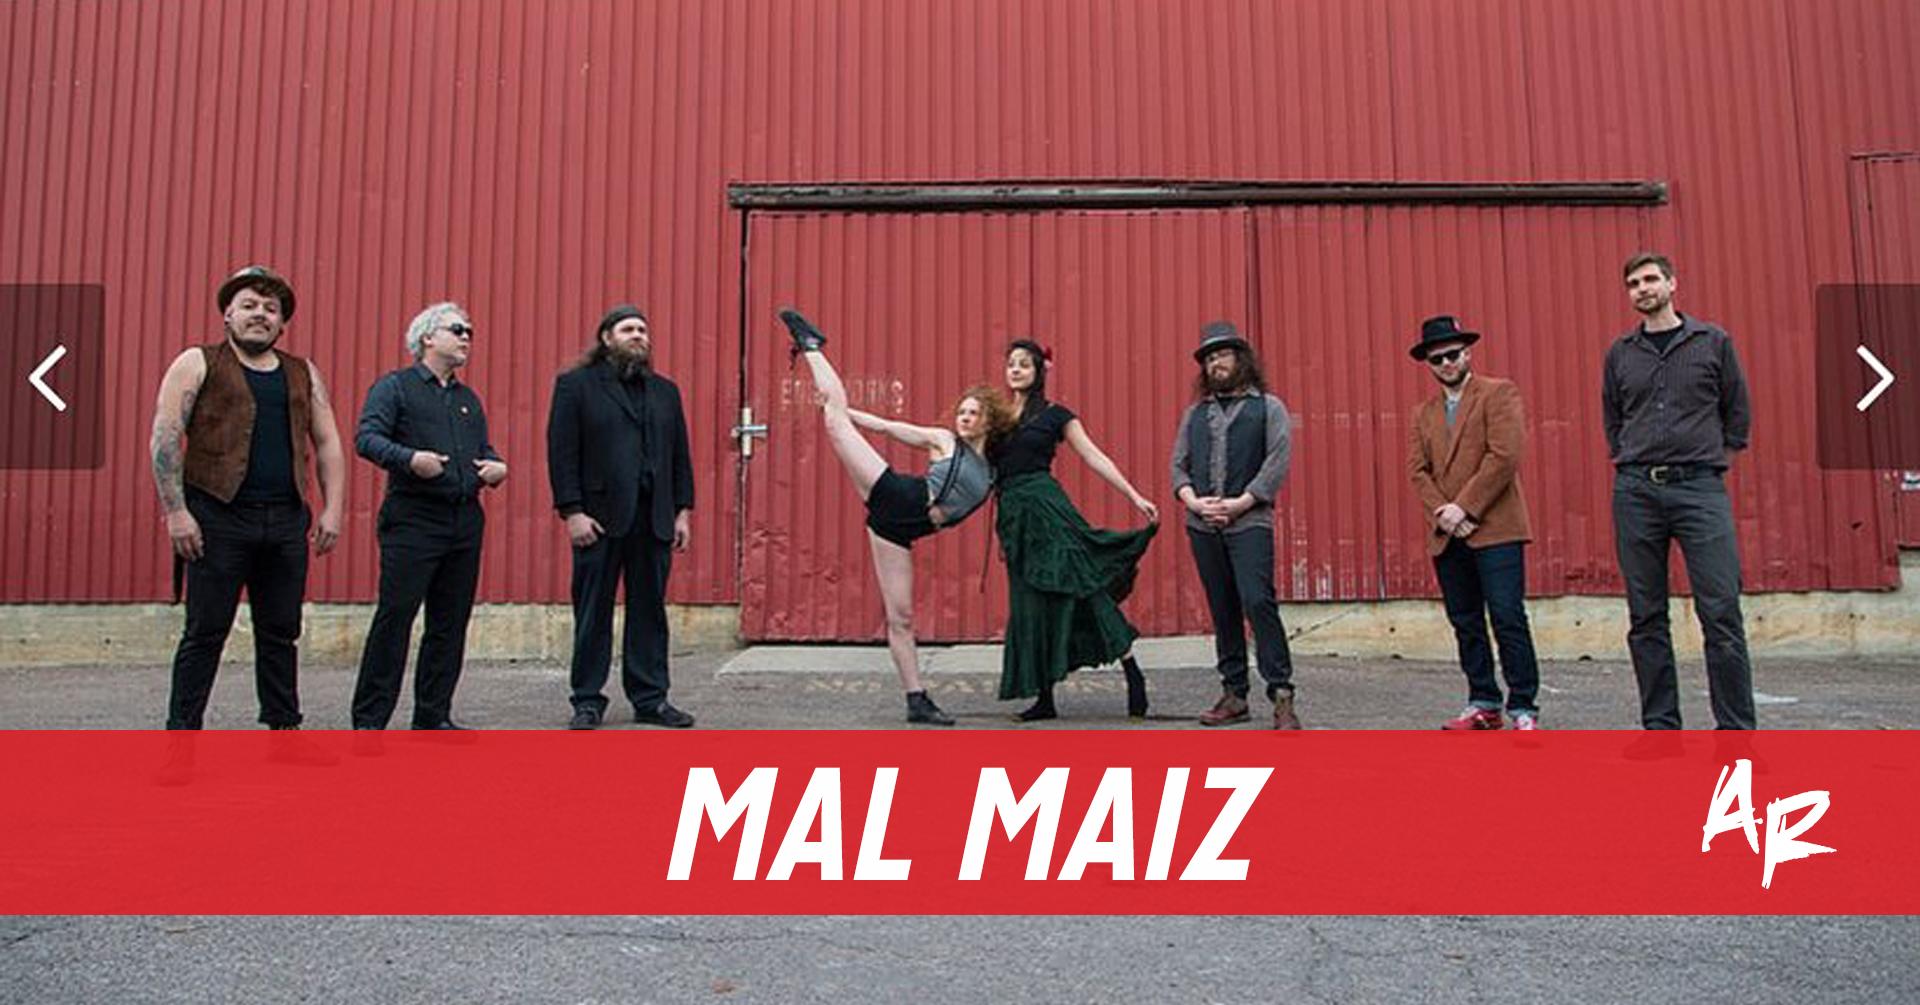 MalMaizBanner2.jpg